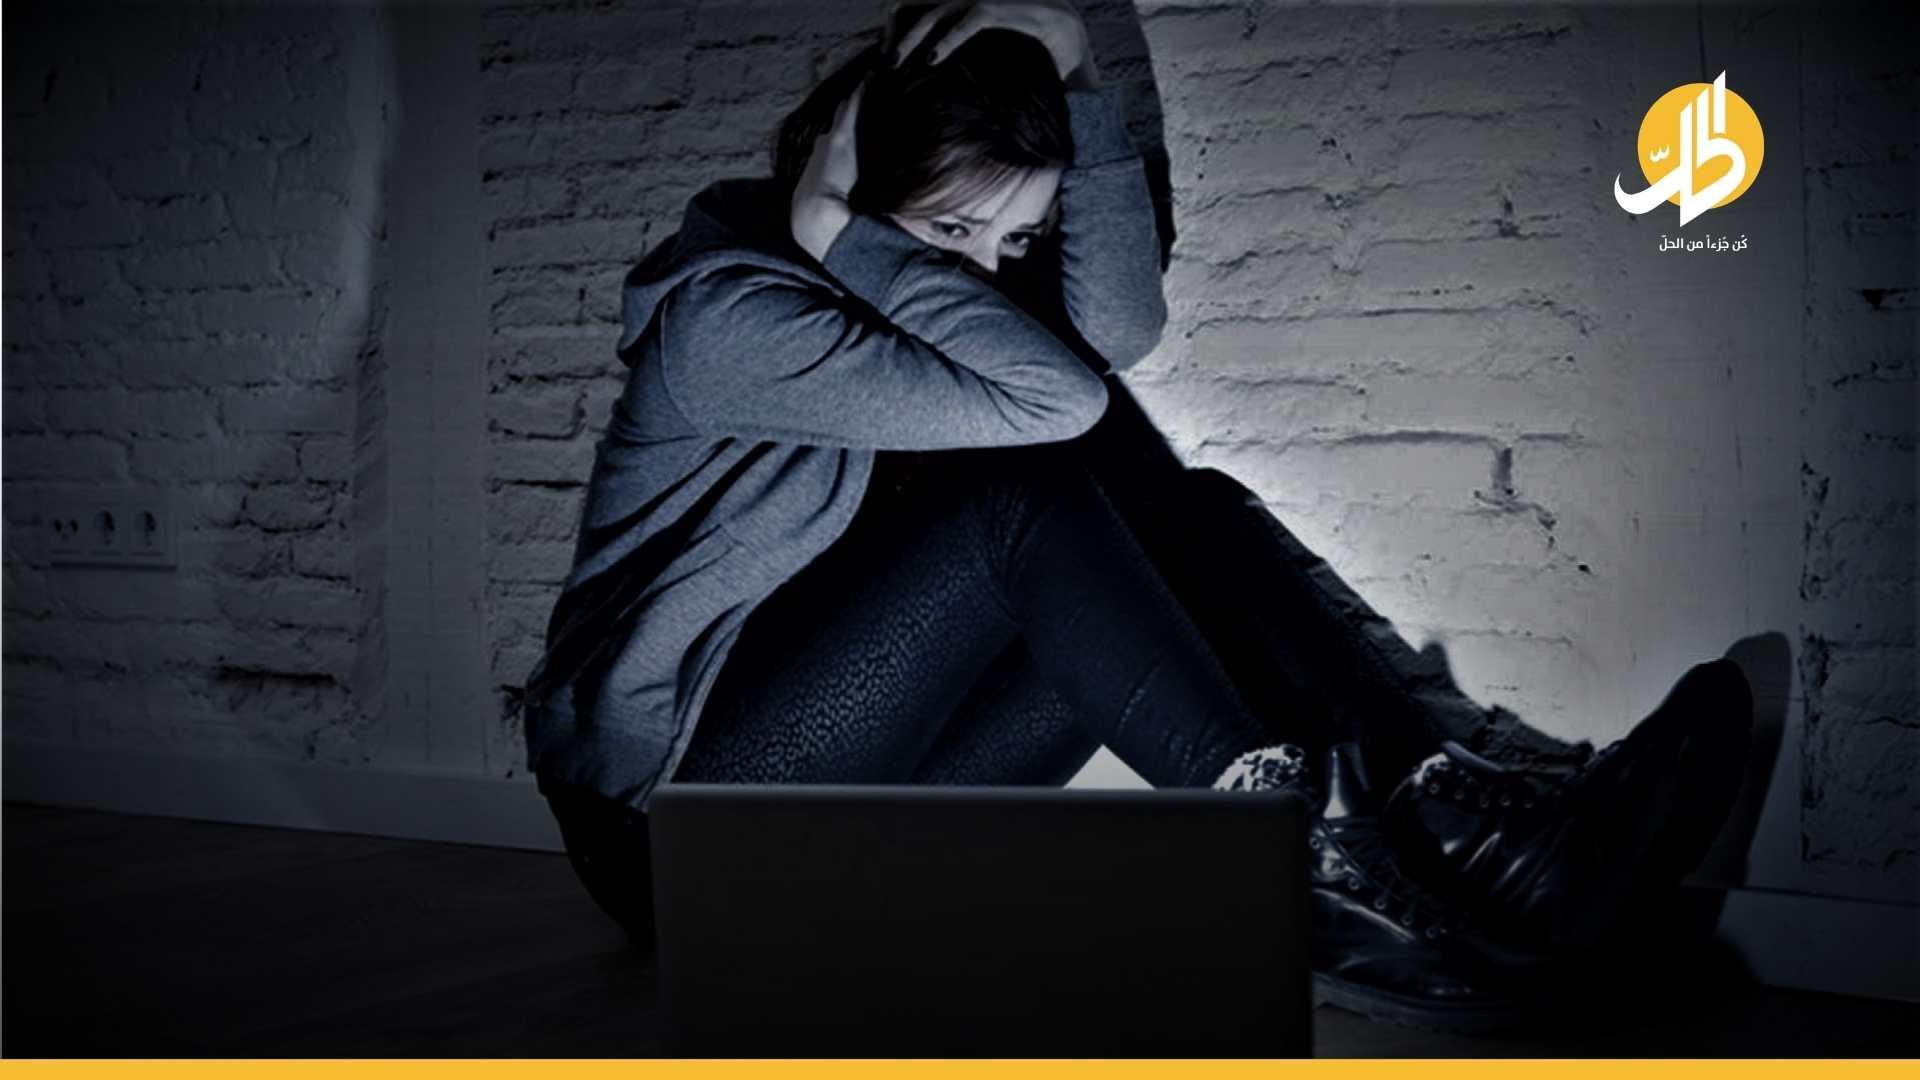 الداخلية: الابتزاز الإلكتروني ازدادَ بالعراق وتسبّب بارتفاع حالات الانتحار!